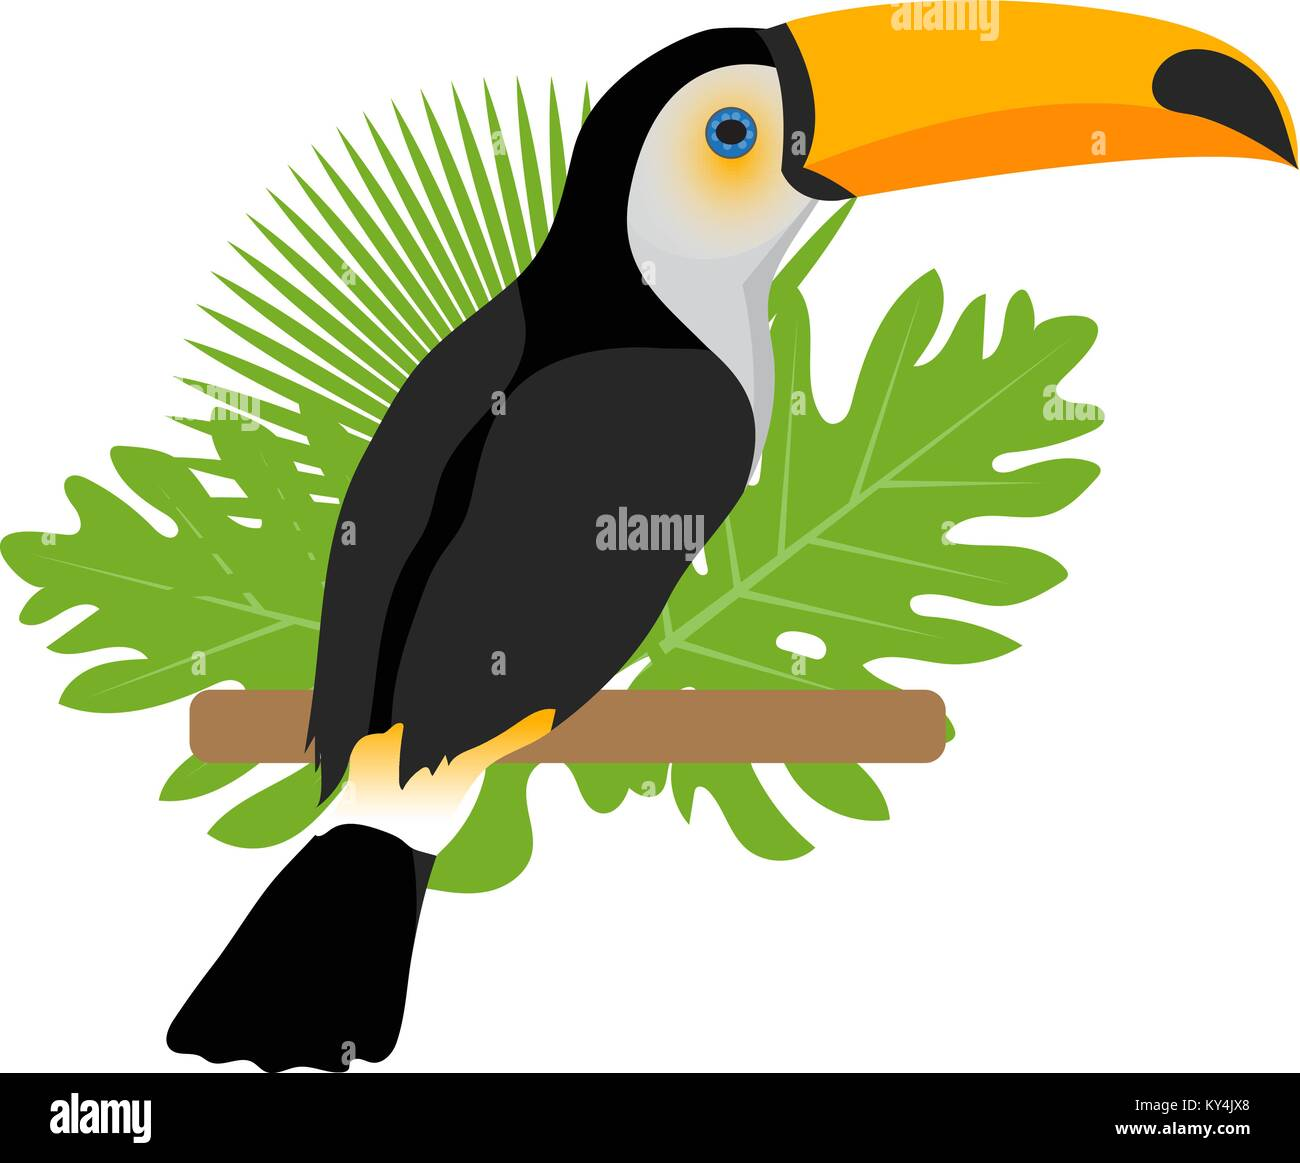 Tucán icono es una plana, estilo de dibujos animados. Aves exóticas ...